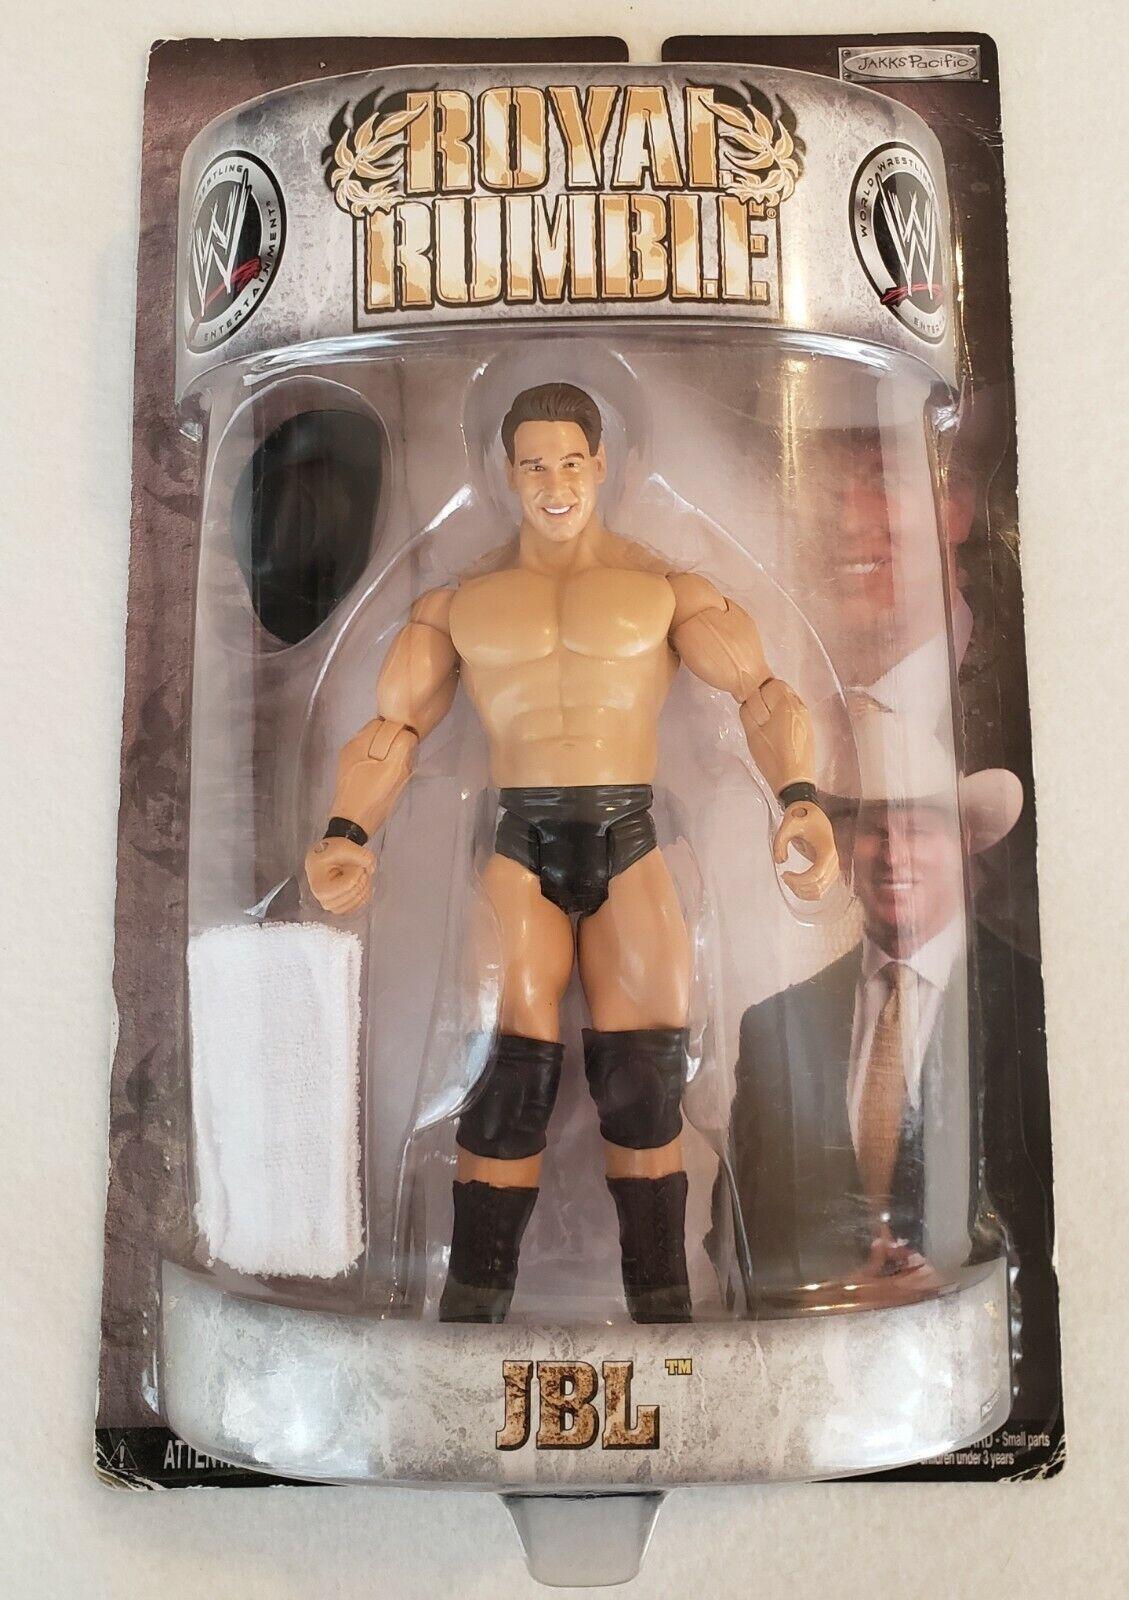 Royal Rumble JBL Figure 2008 (JAKKS  PACIFIC,  93737) très rare  - NEUF  vente d'usine en ligne discount